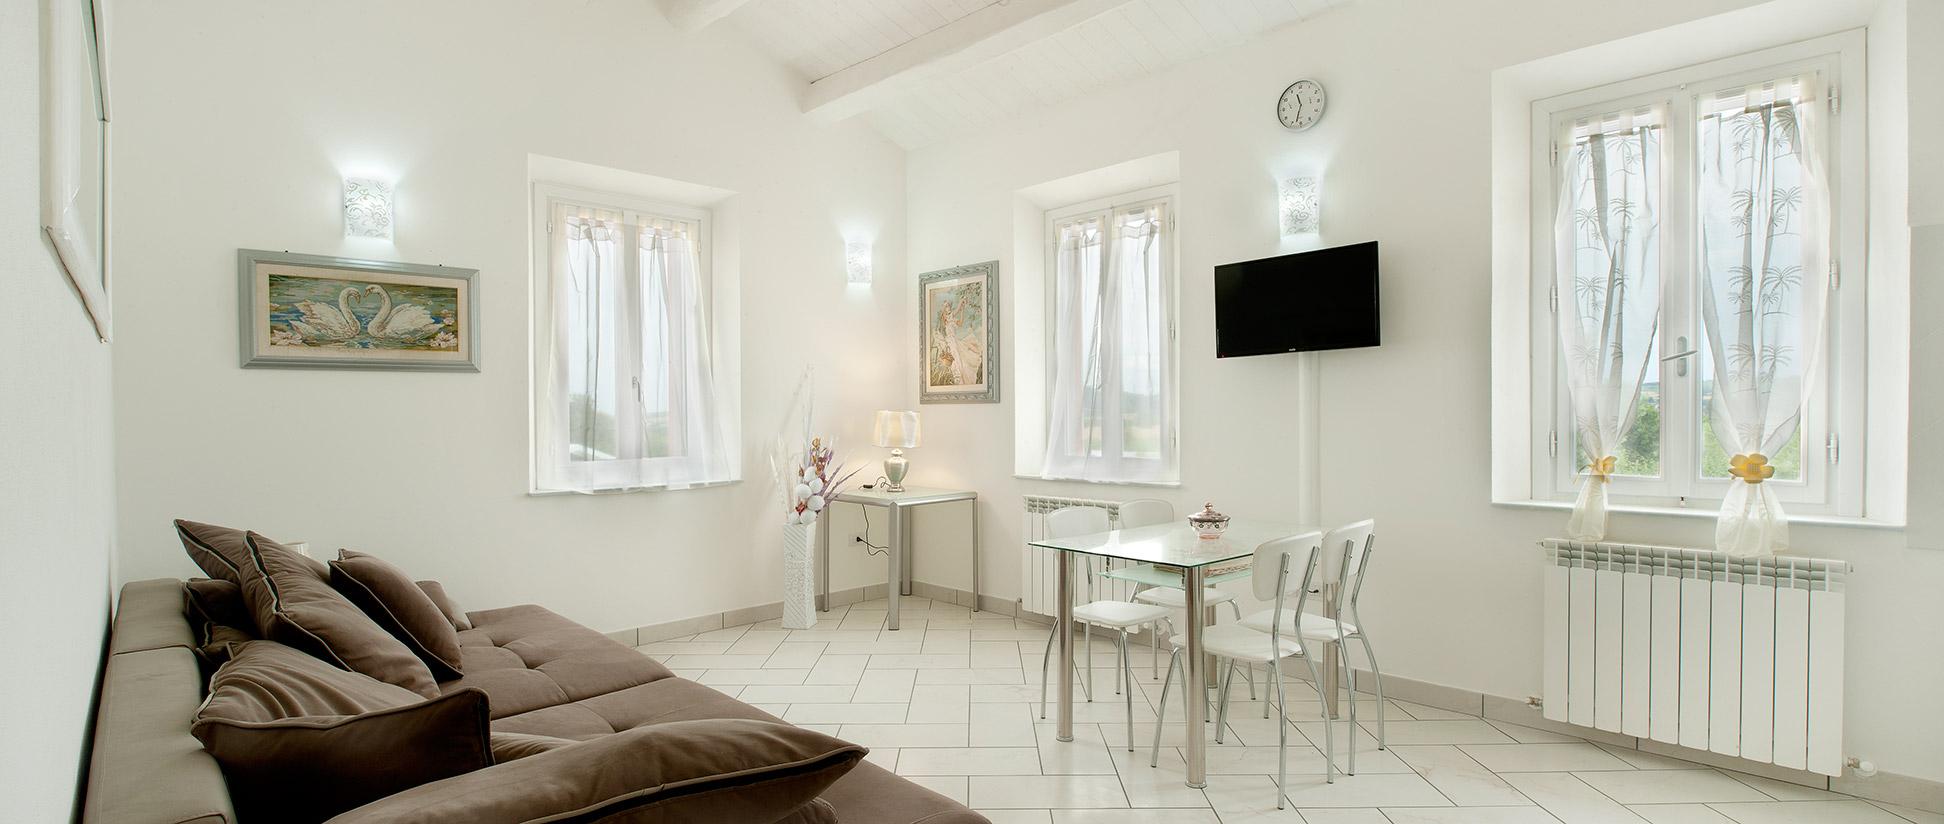 Appartamenti In Affitto A Forli